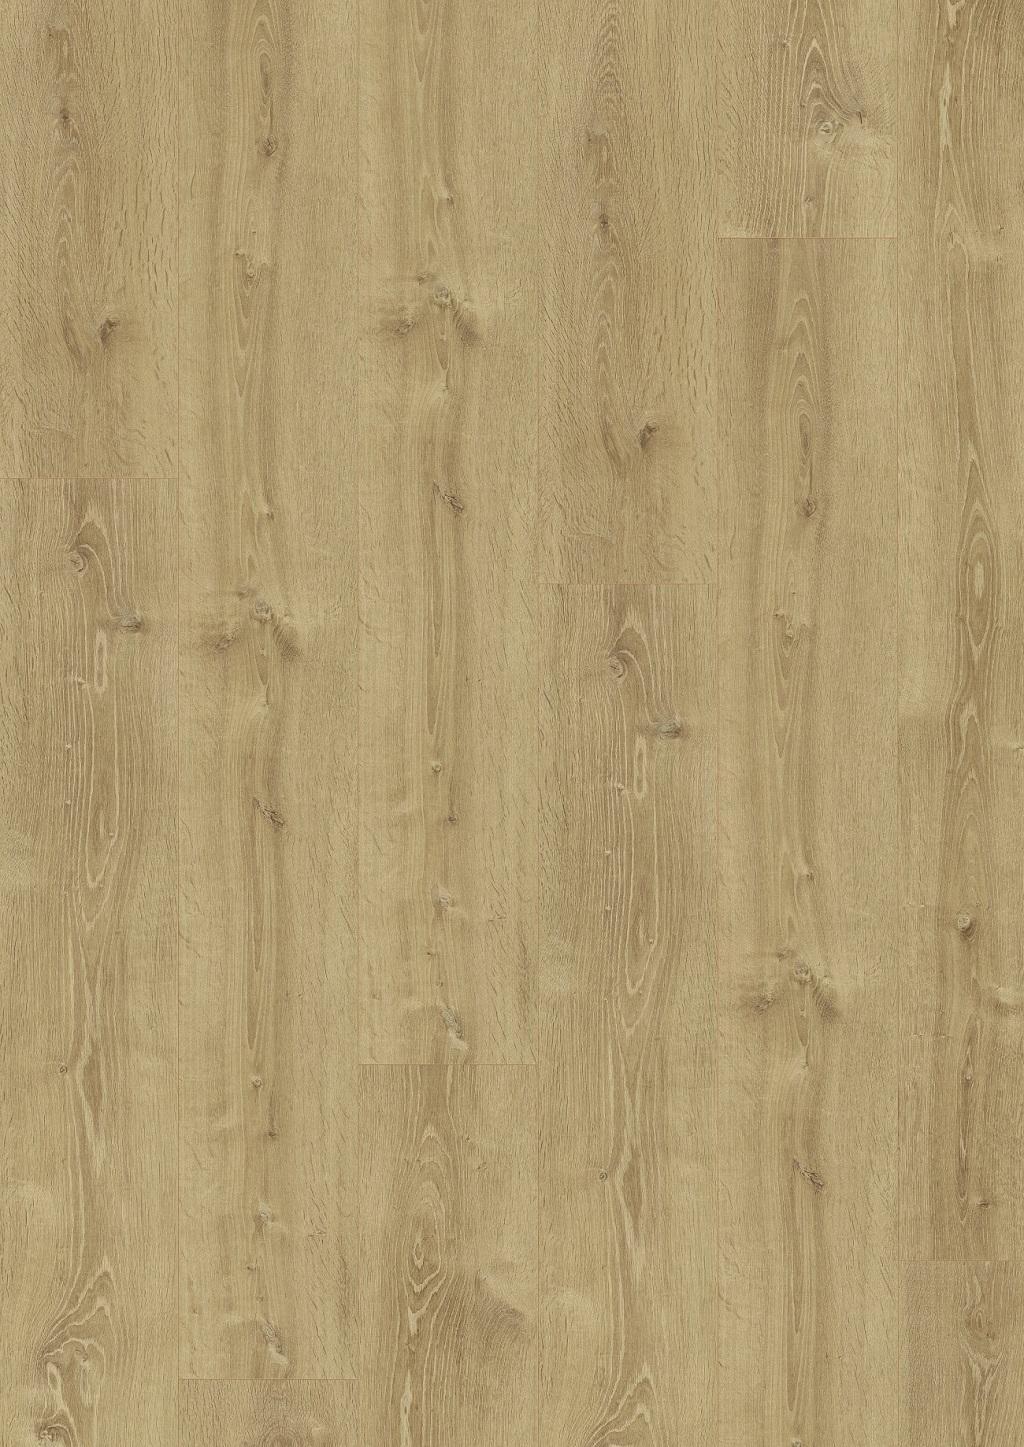 Joka - Laminat Deluxe WESTSIDE 932, LangDiele in 10mm Eiche montana V4 SP